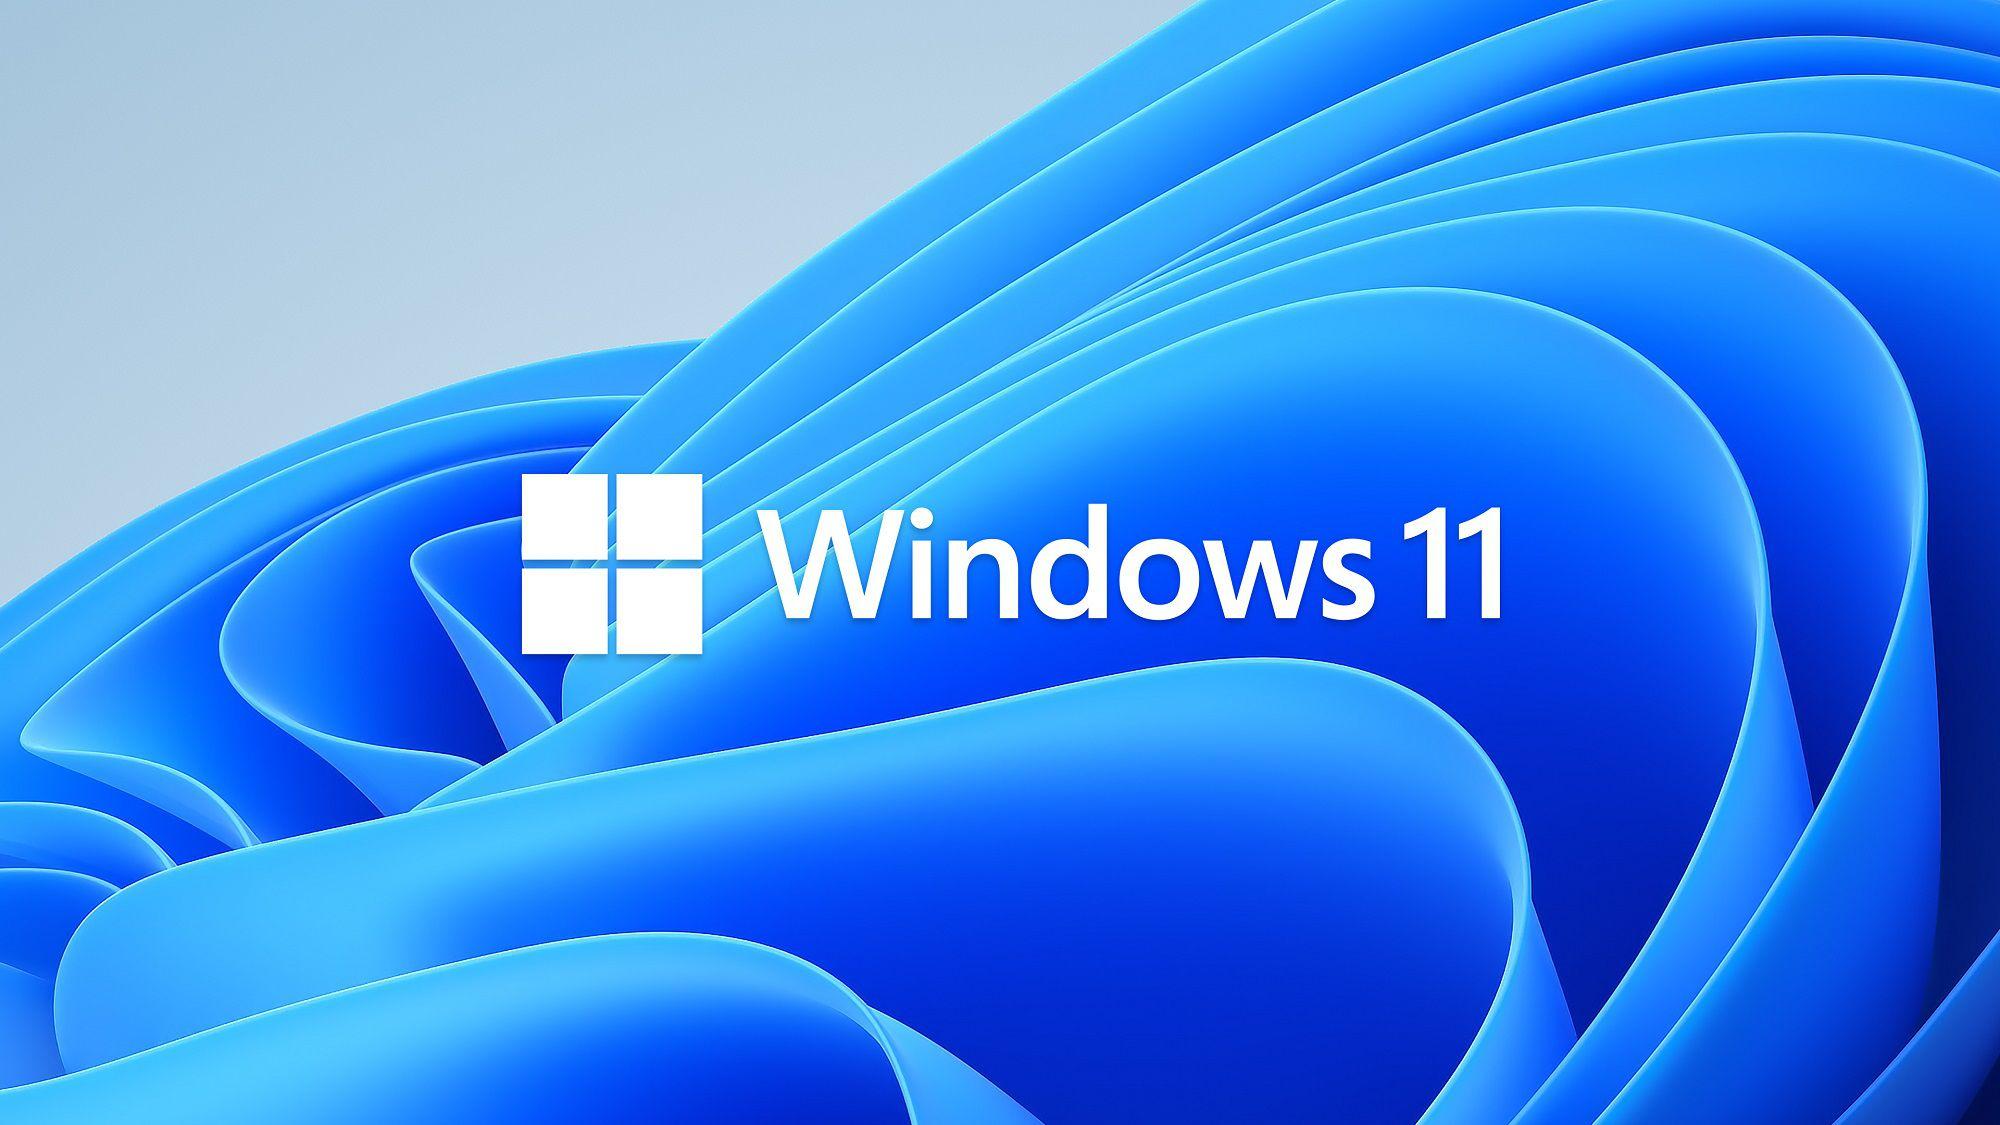 Windows 11 TPM